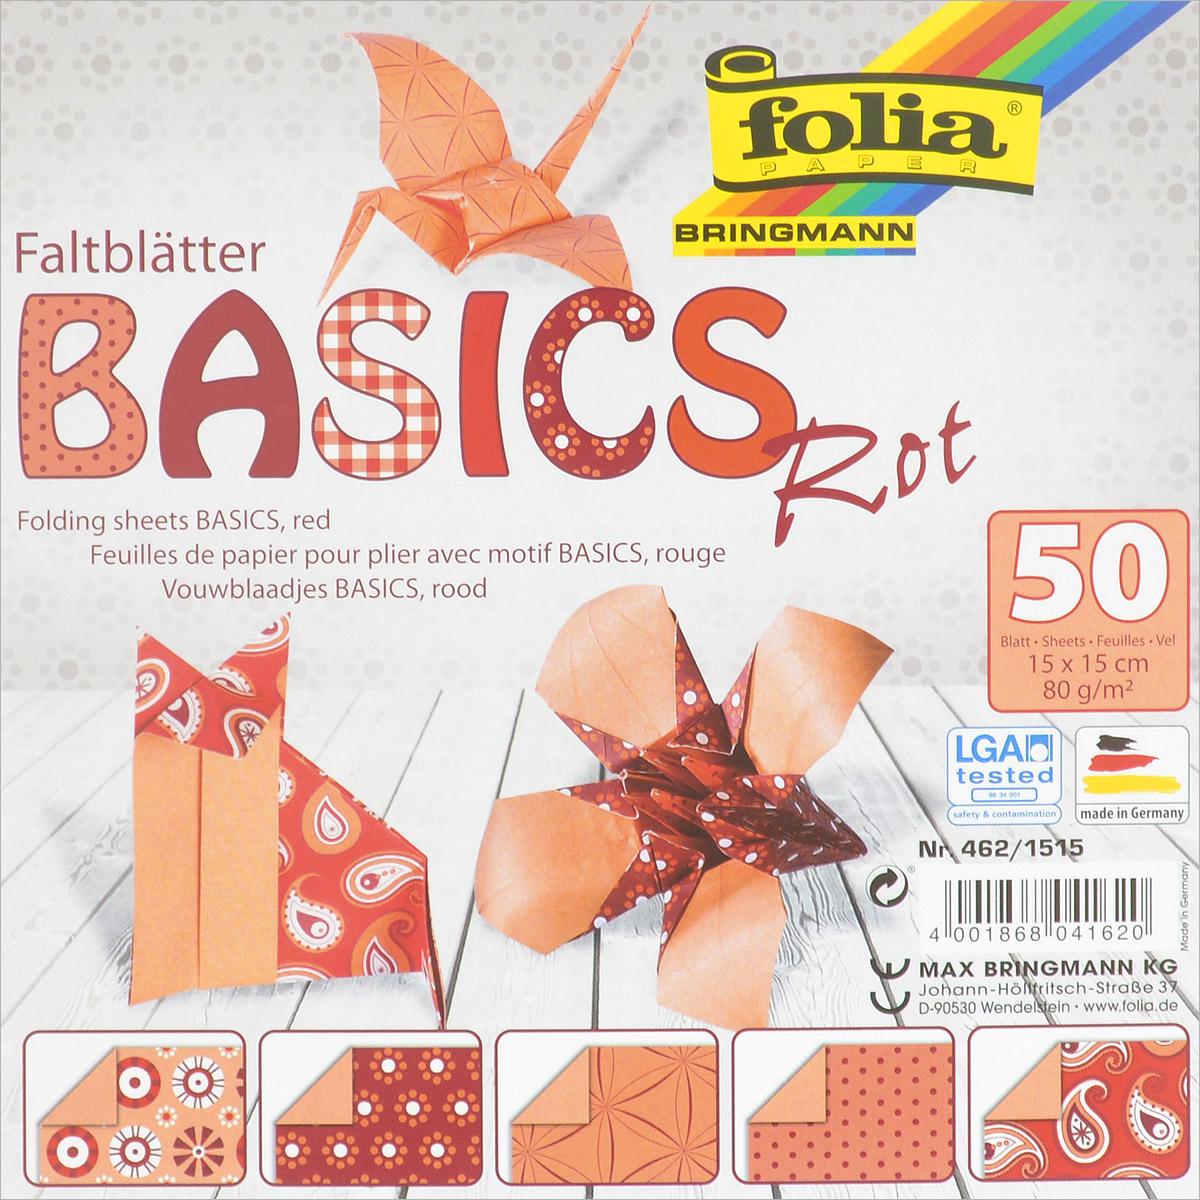 Бумага для оригами Folia, цвет: оранжевый, 15 см х 15 см, 50 листов7708016Набор специальной цветной двусторонней бумаги для оригами Folia содержит 50 листов разных цветов, которые помогут вам и вашему ребенку сделать яркие и разнообразные фигурки. В набор входит бумага пяти разных дизайнов. С одной стороны - бумага однотонная, с другой - оформлена оригинальными узорами и орнаментами. Эти листы можно использовать для оригами, украшения для садового подсвечника или для создания новогодних звезд. При многоразовом сгибании листа на бумаге не появляются трещины, так как она обладает очень высоким качеством. Бумага хорошо комбинируется с цветным картоном.За свою многовековую историю оригами прошло путь от храмовых обрядов до искусства, дарящего радость и красоту миллионам людей во всем мире. Складывание и художественное оформление фигурок оригами интересно заполнят свободное время, доставят огромное удовольствие, радость и взрослым и детям. Увлекательные занятия оригами развивают мелкую моторику рук, воображение, мышление, воспитывают волевые качества и совершенствуют художественный вкус ребенка.Плотность бумаги: 80 г/м2.Размер листа: 15 см х 15 см.